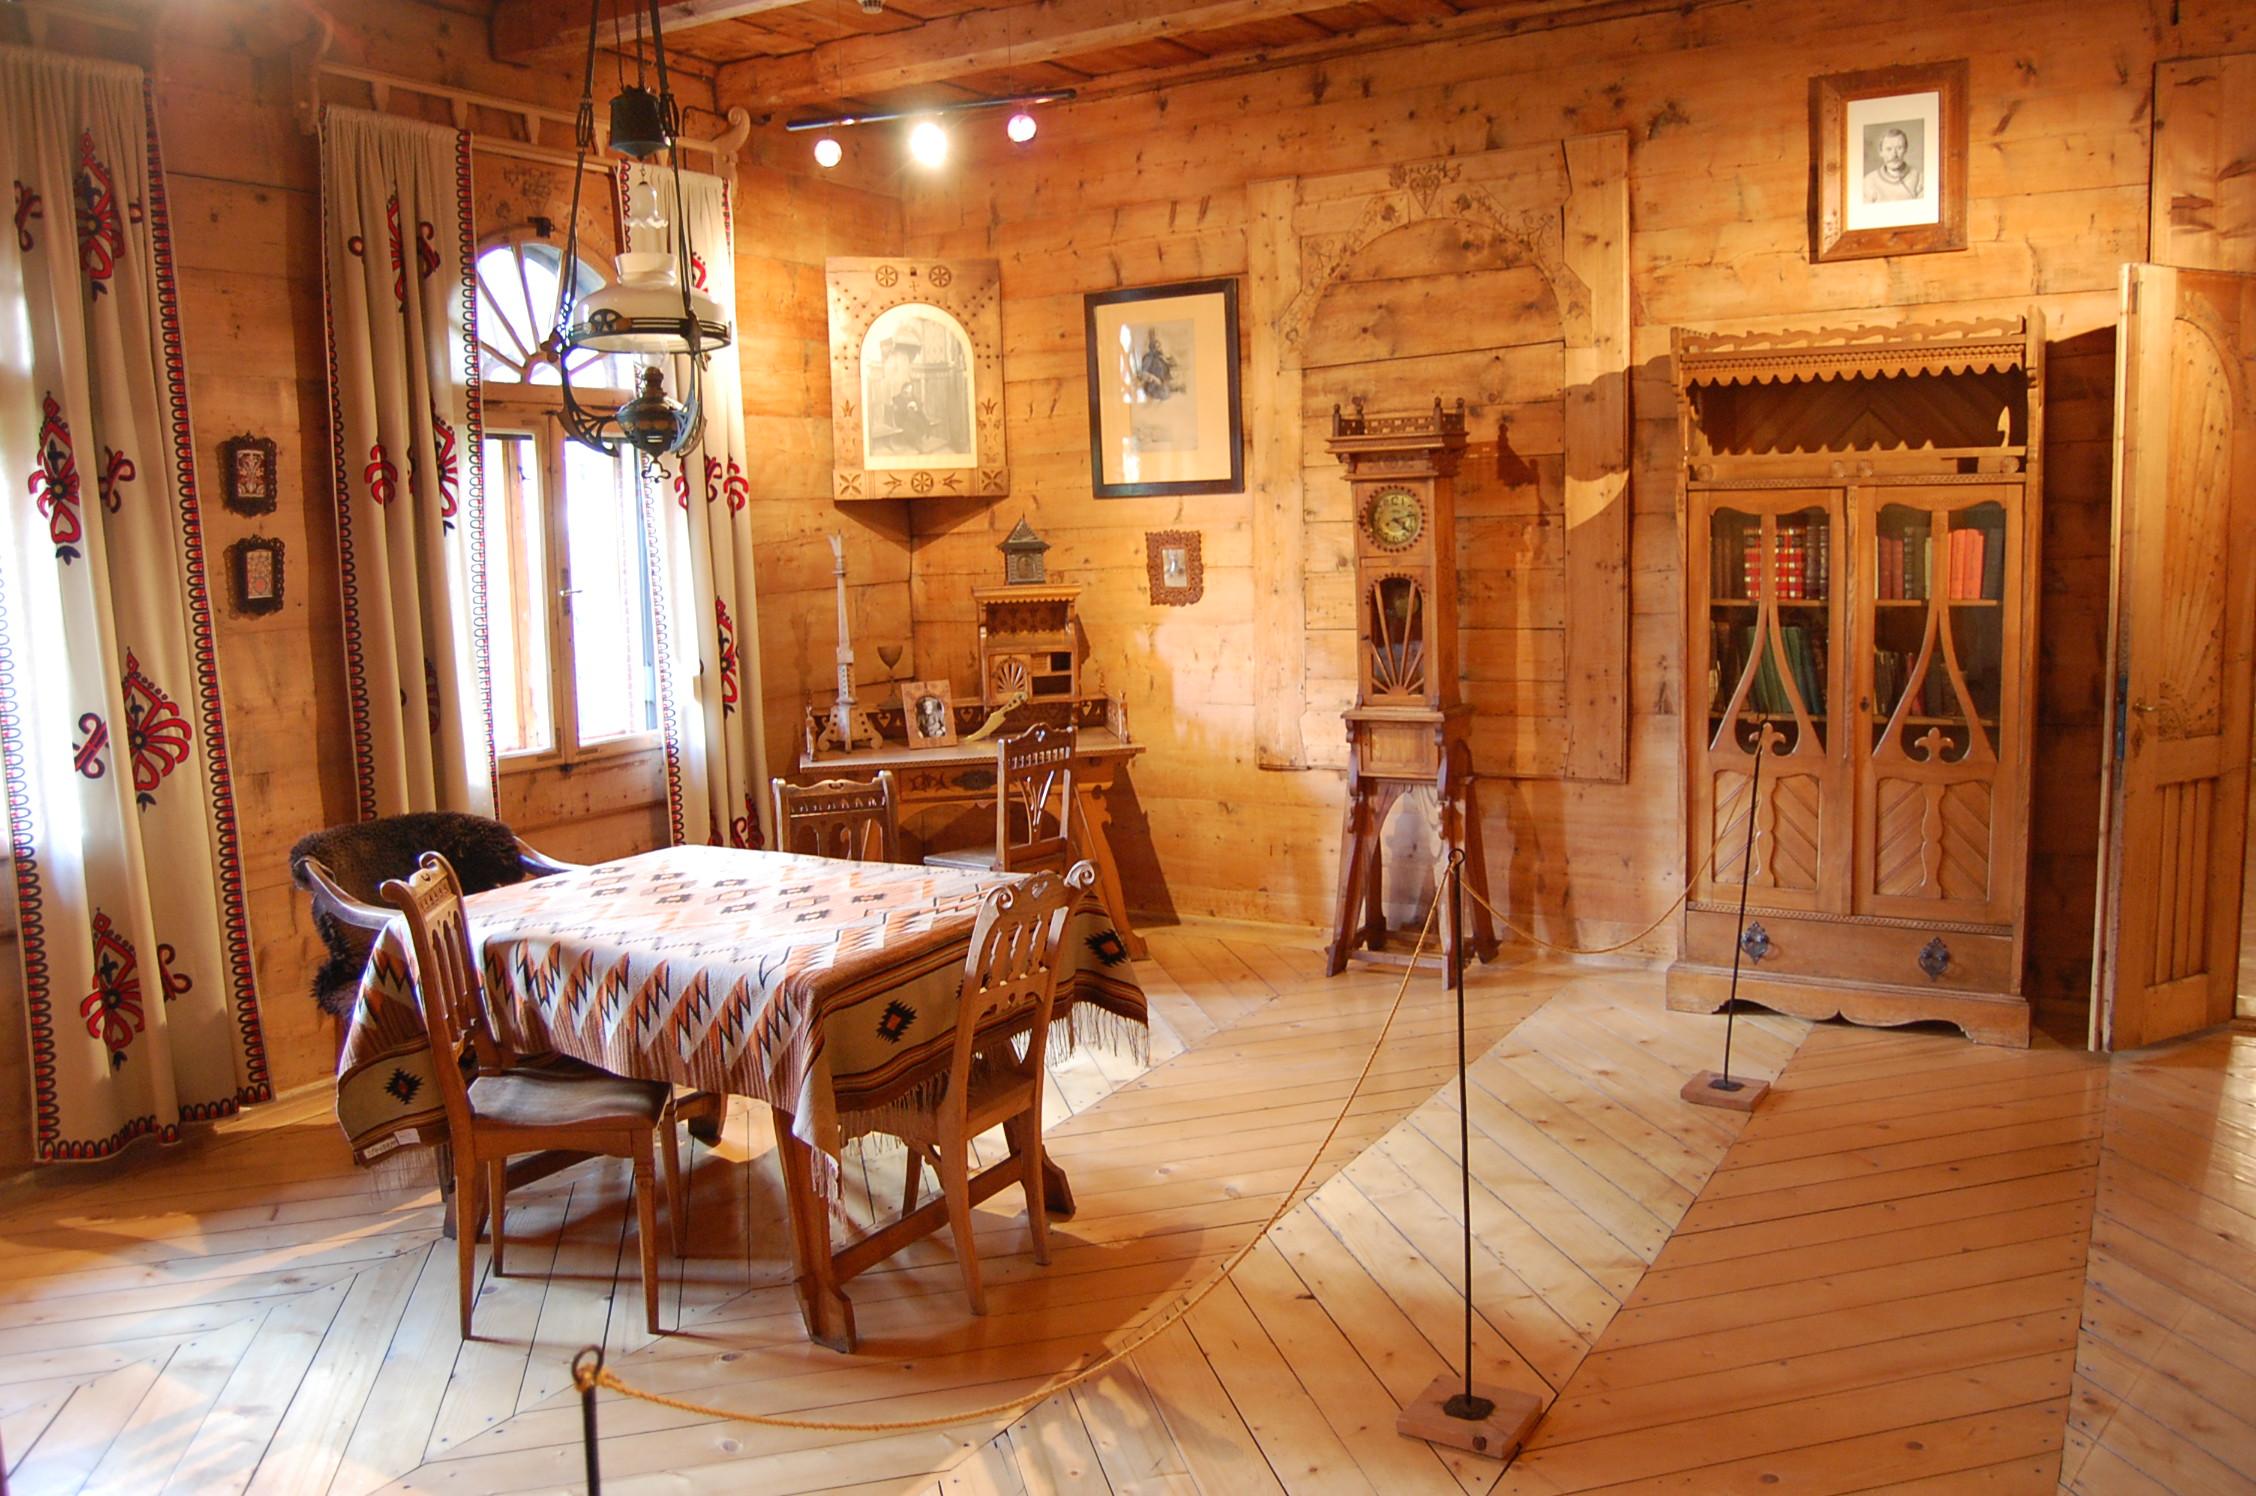 Koliba, details of interior